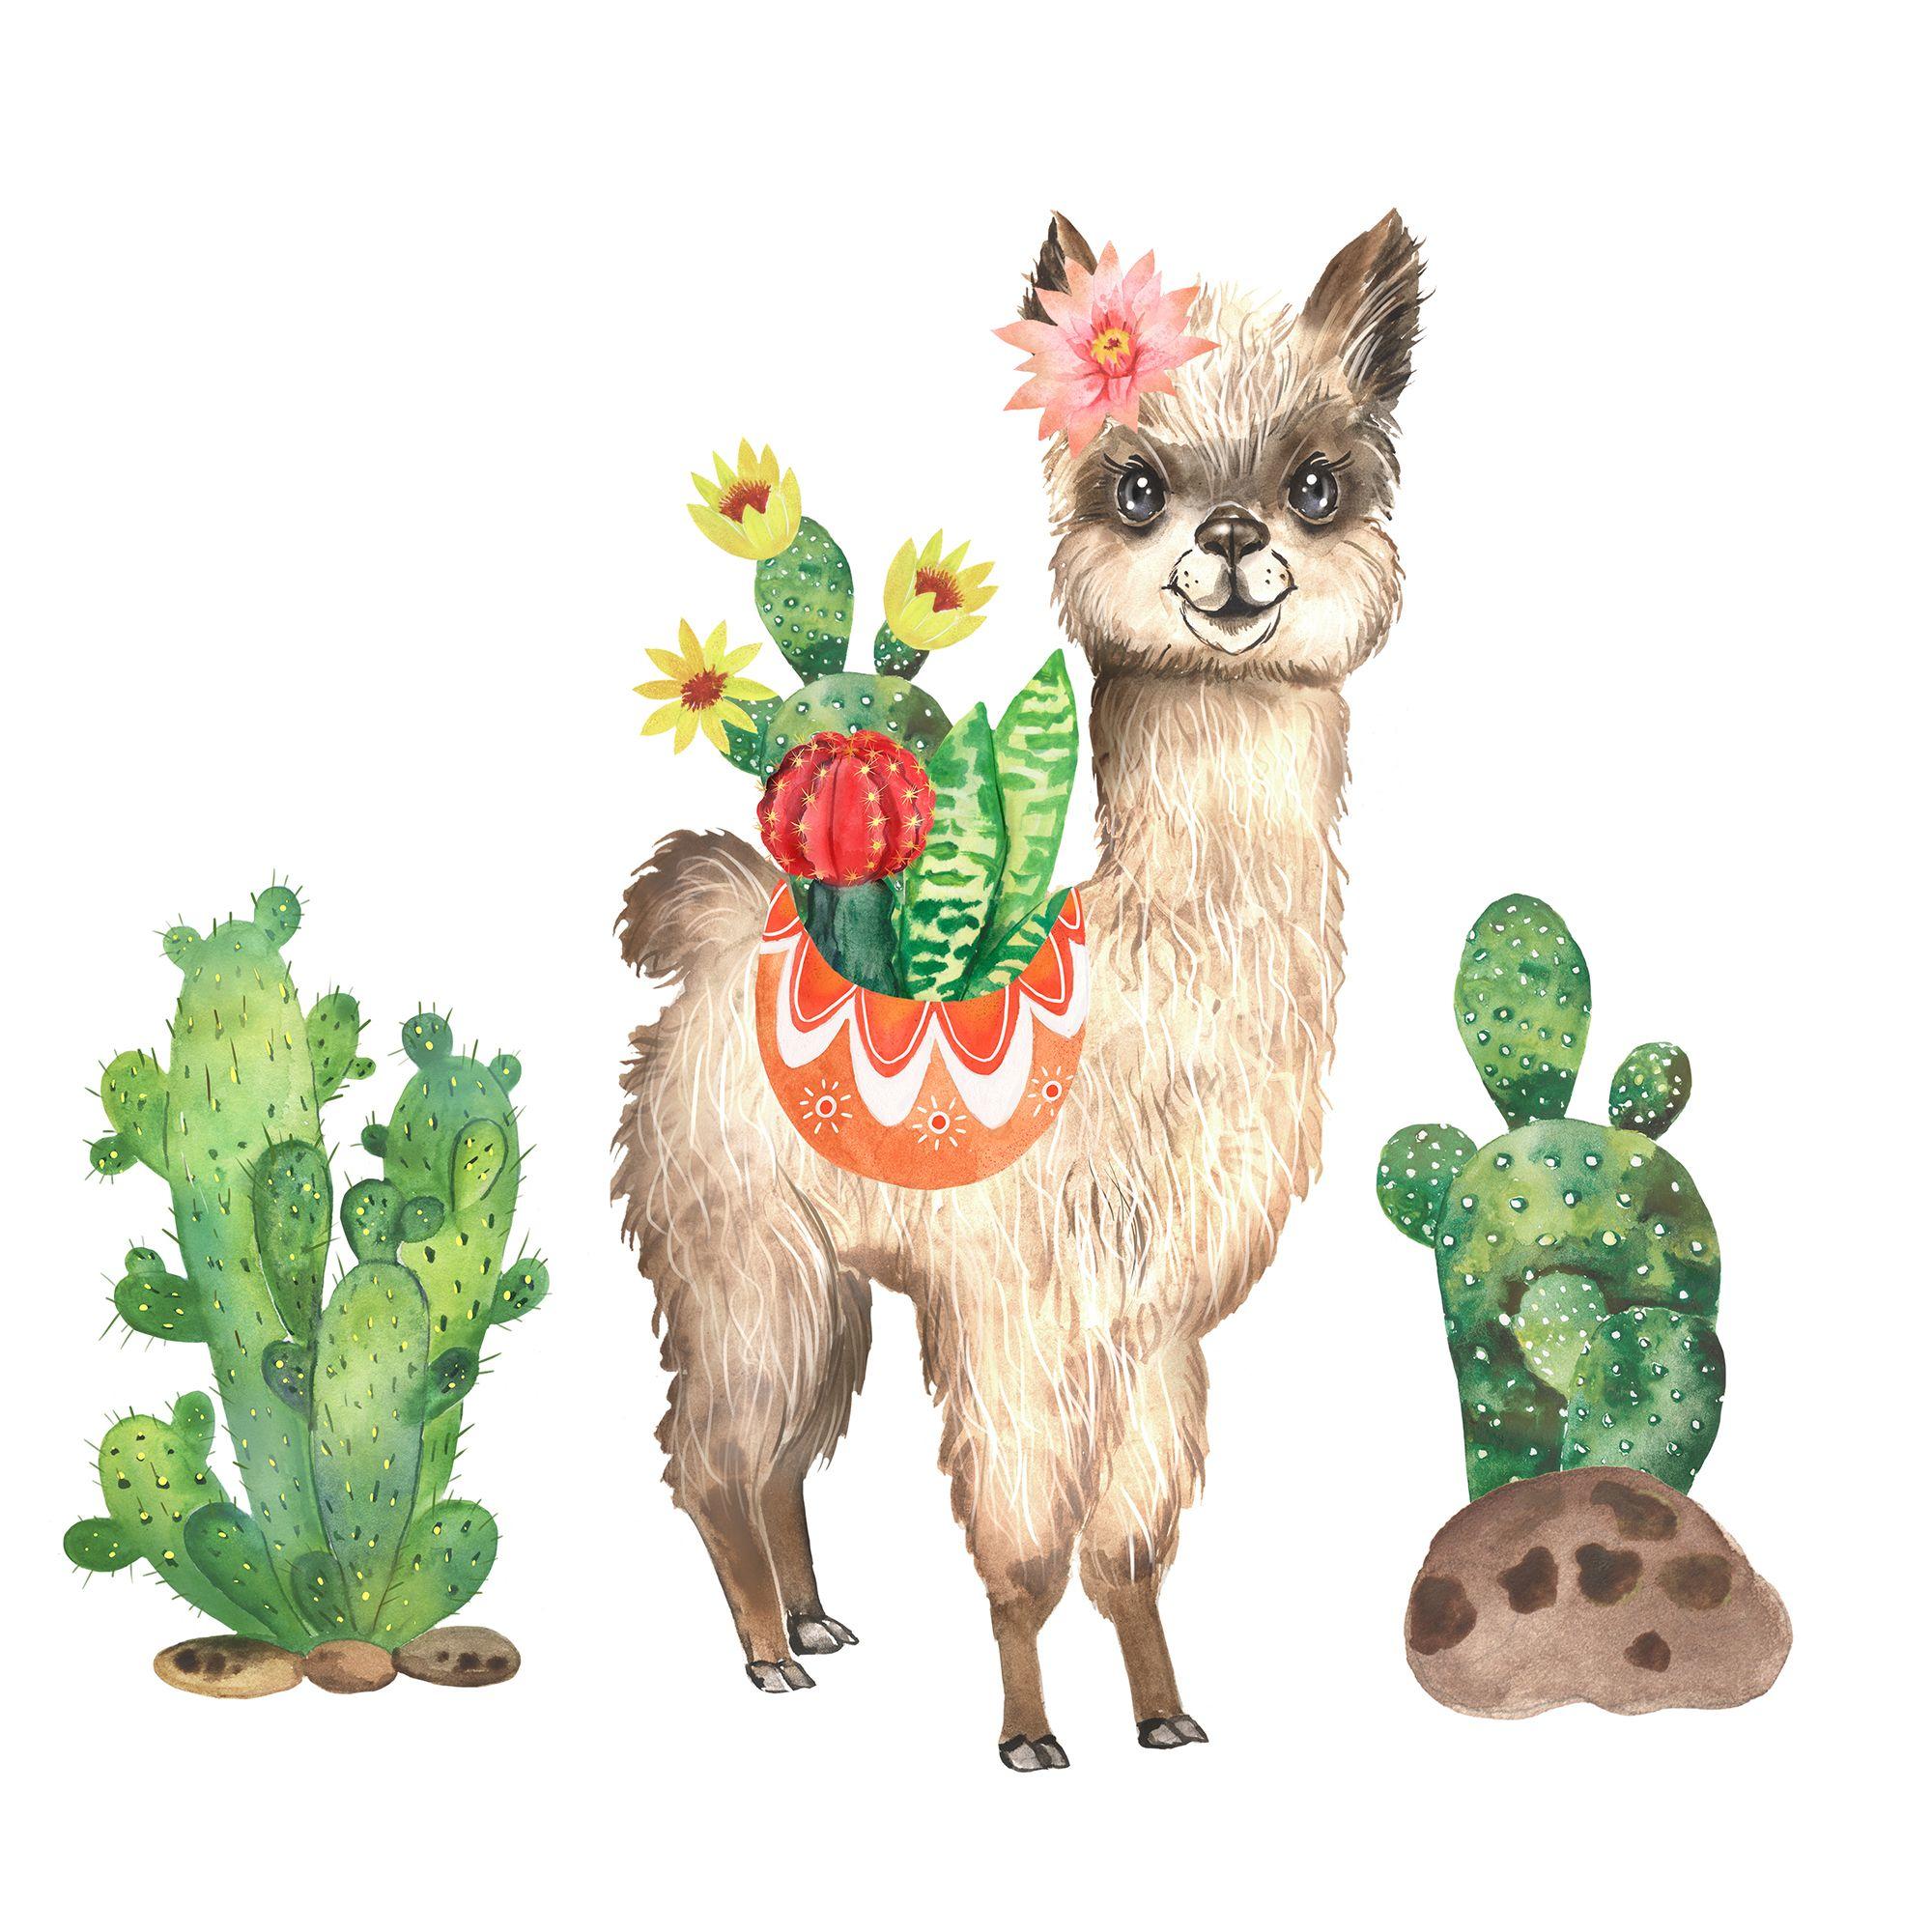 Llama Clipart Watercolor Llama Alpaca Cute Animal Cactus Etsy Llama Clipart Cute Animals Animals